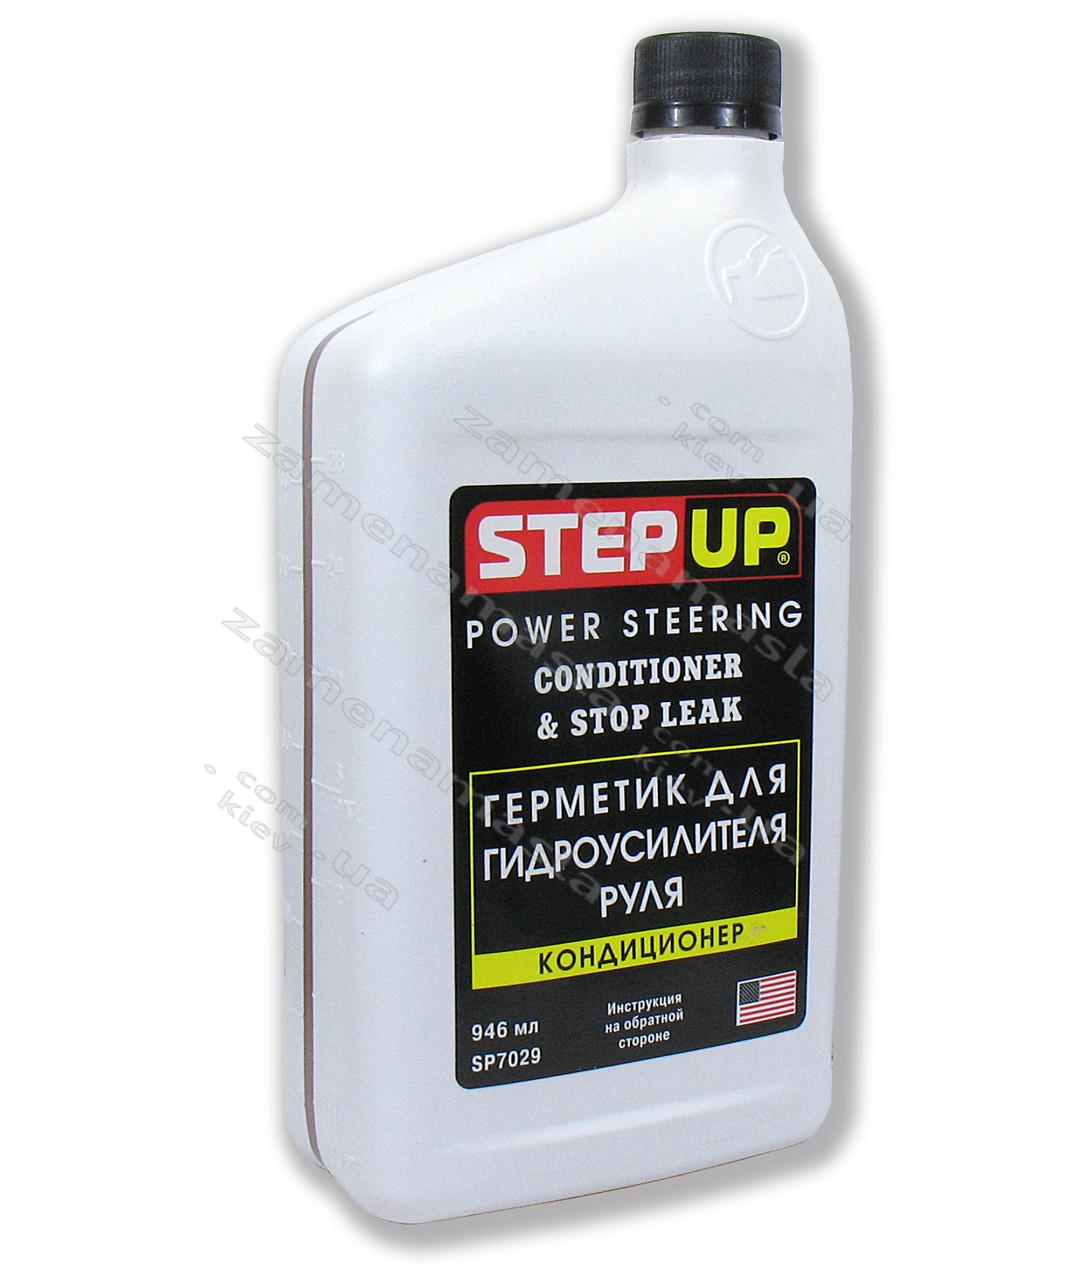 STEP UP - кондиционер и герметик для гидроусилителя руля